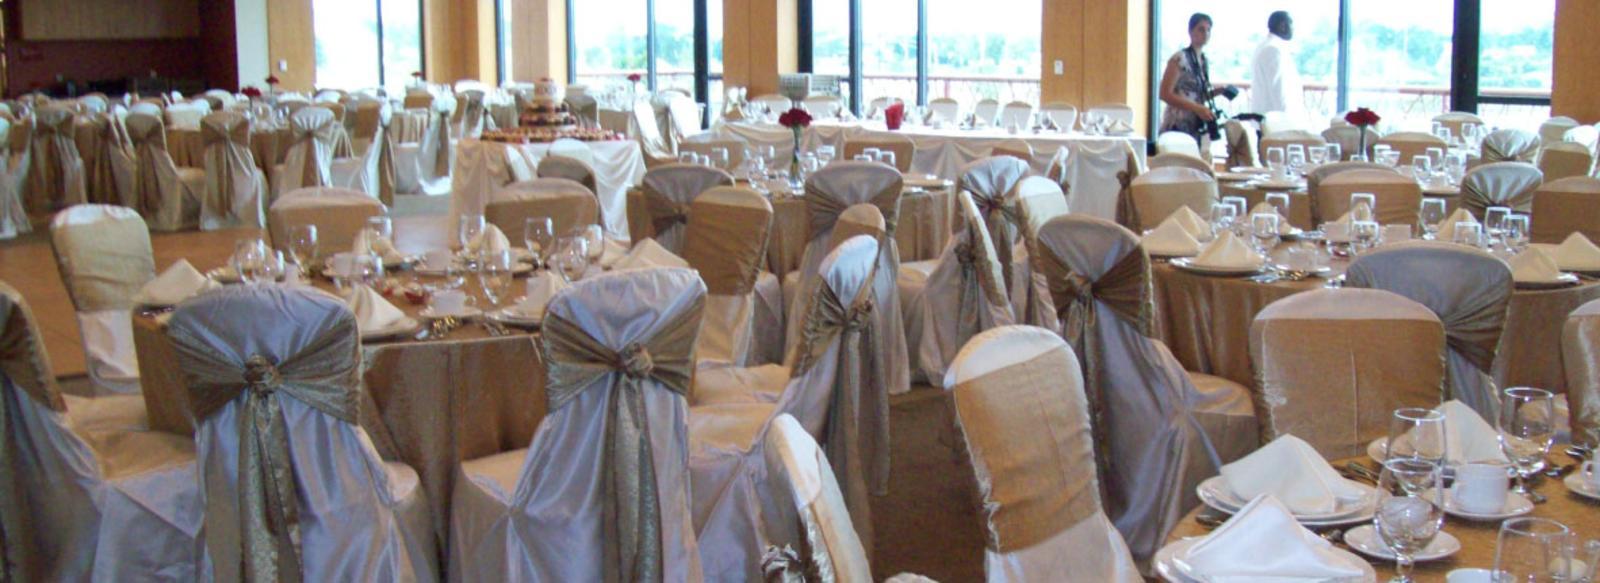 Centennial-Park-banquets-Northwest-Indiana-Banquet-Halls